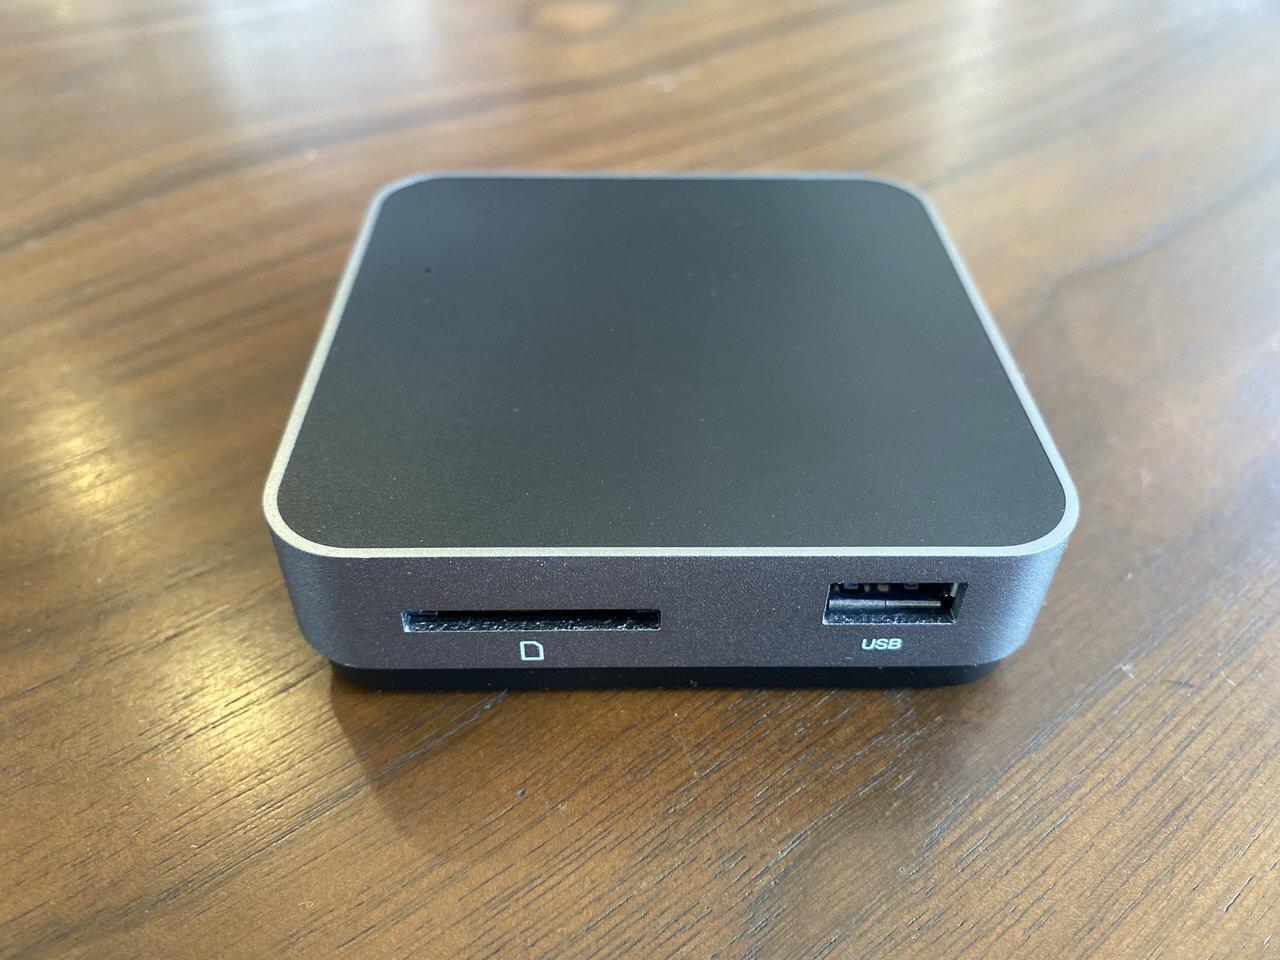 旅も仕事場も安定感のある重量で使いやすいUSB-C接続の5ポートドック「OWC Travel Dock Gen 2」【HDMI/USB/SDカードリーダー】